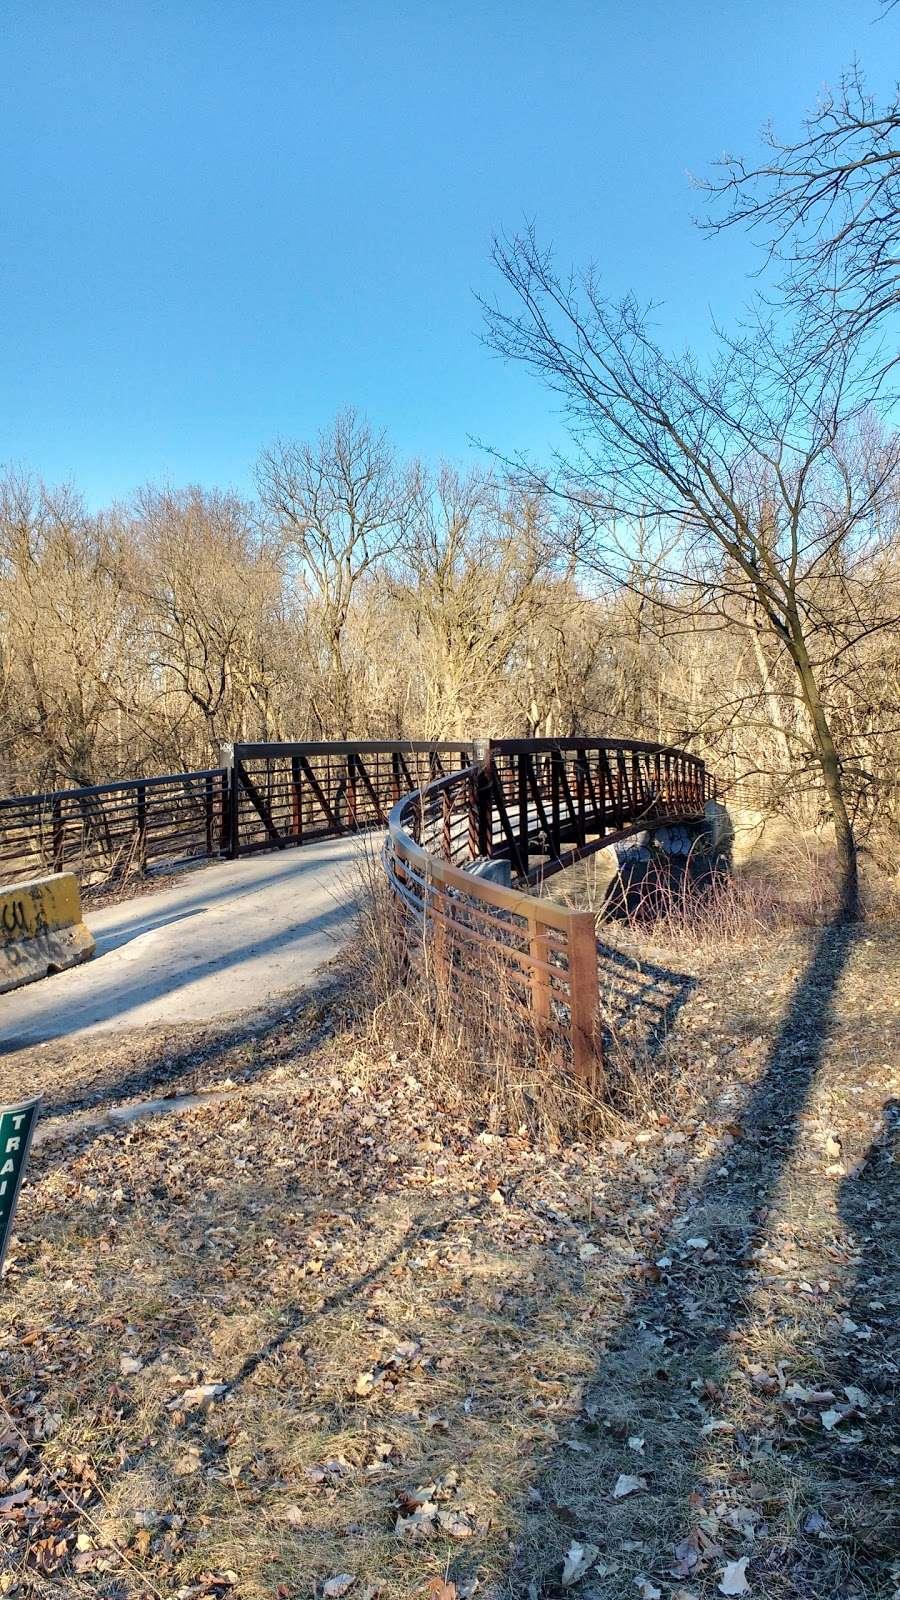 Sunset Bridge Meadow - park  | Photo 4 of 6 | Address: Des Plaines River Trail, River Grove, IL 60171, USA | Phone: (800) 870-3666